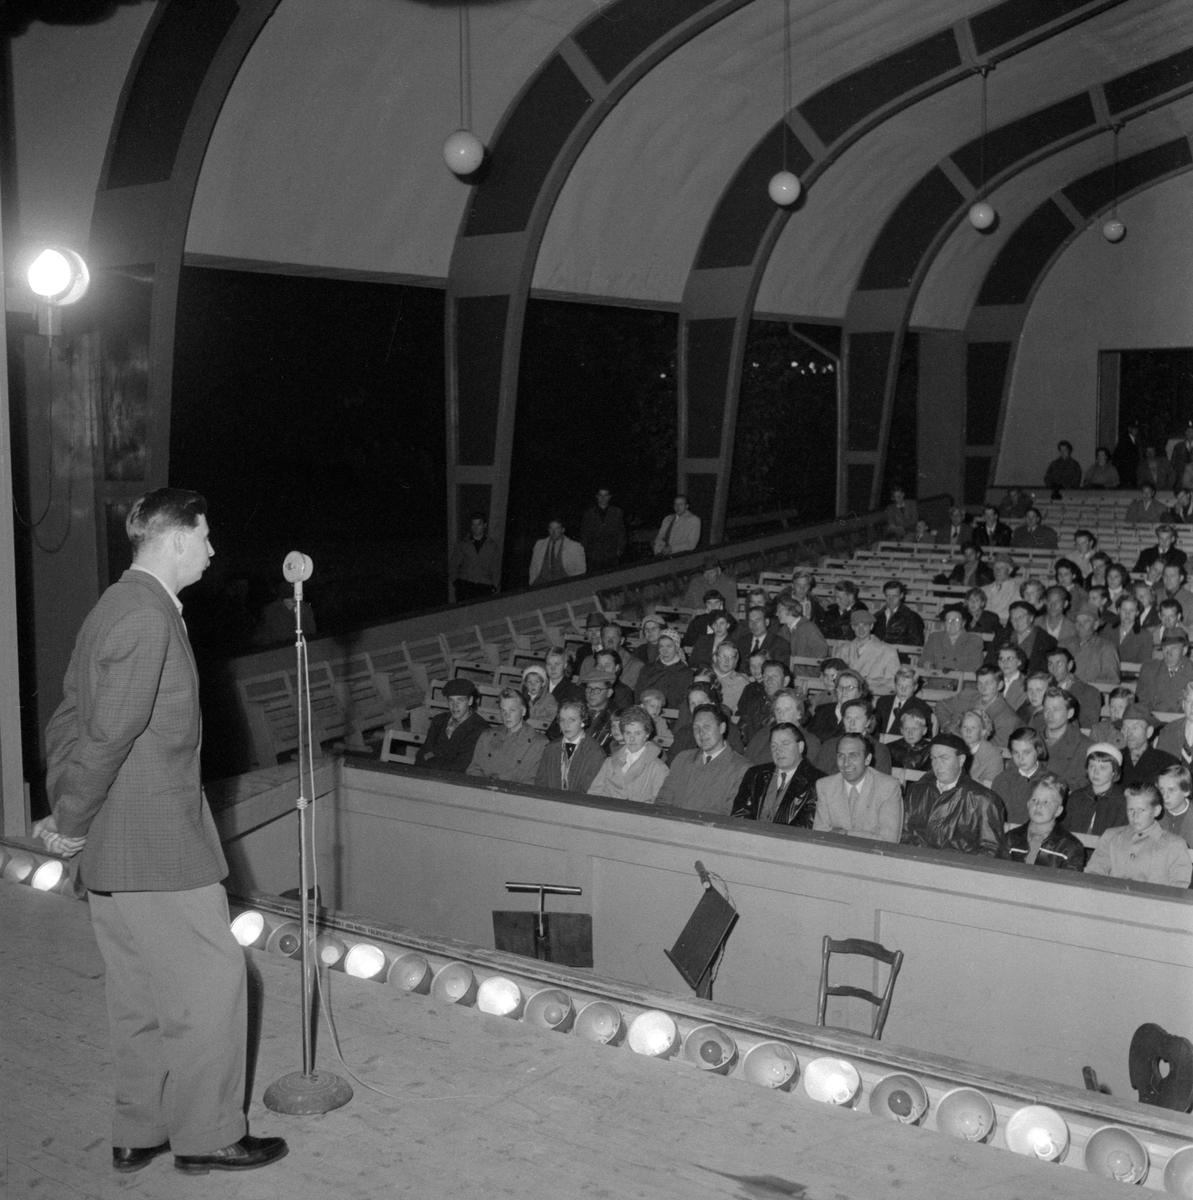 """Gösta """"Snoddas"""" Nordgren under ett uppträdande i Åtvidabergs folkpark 1956. Scenframträdandet var en del av parkens stora festligheter under den första helgen i september. Utöver """"Snoddas"""" uppträdde Sigge Wassbergs orkester från Malmö och Arne Bergelings från Linköping samt akrobatparet Asta och Allan. Hallbergs nöjestivoli erbjöd förutom karuseller även många kontinentala nöjesanordningar. Dessutom sägs hela nöjesfältet varit i sagolik belysning."""